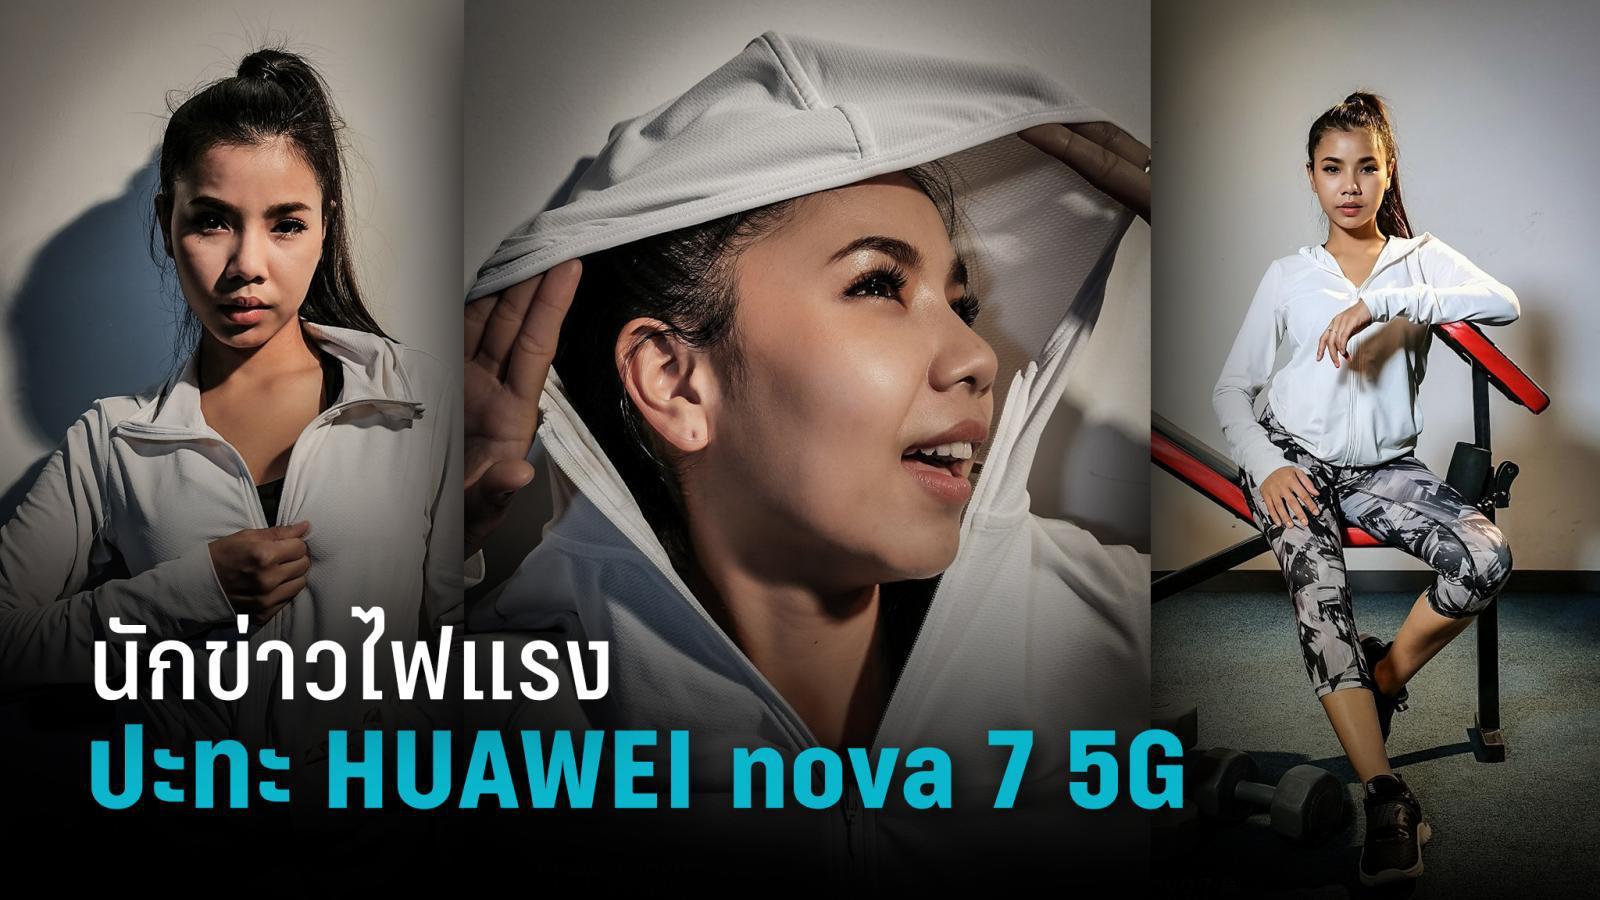 นักข่าวไฟแรง ปะทะ HUAWEI nova 7 5G